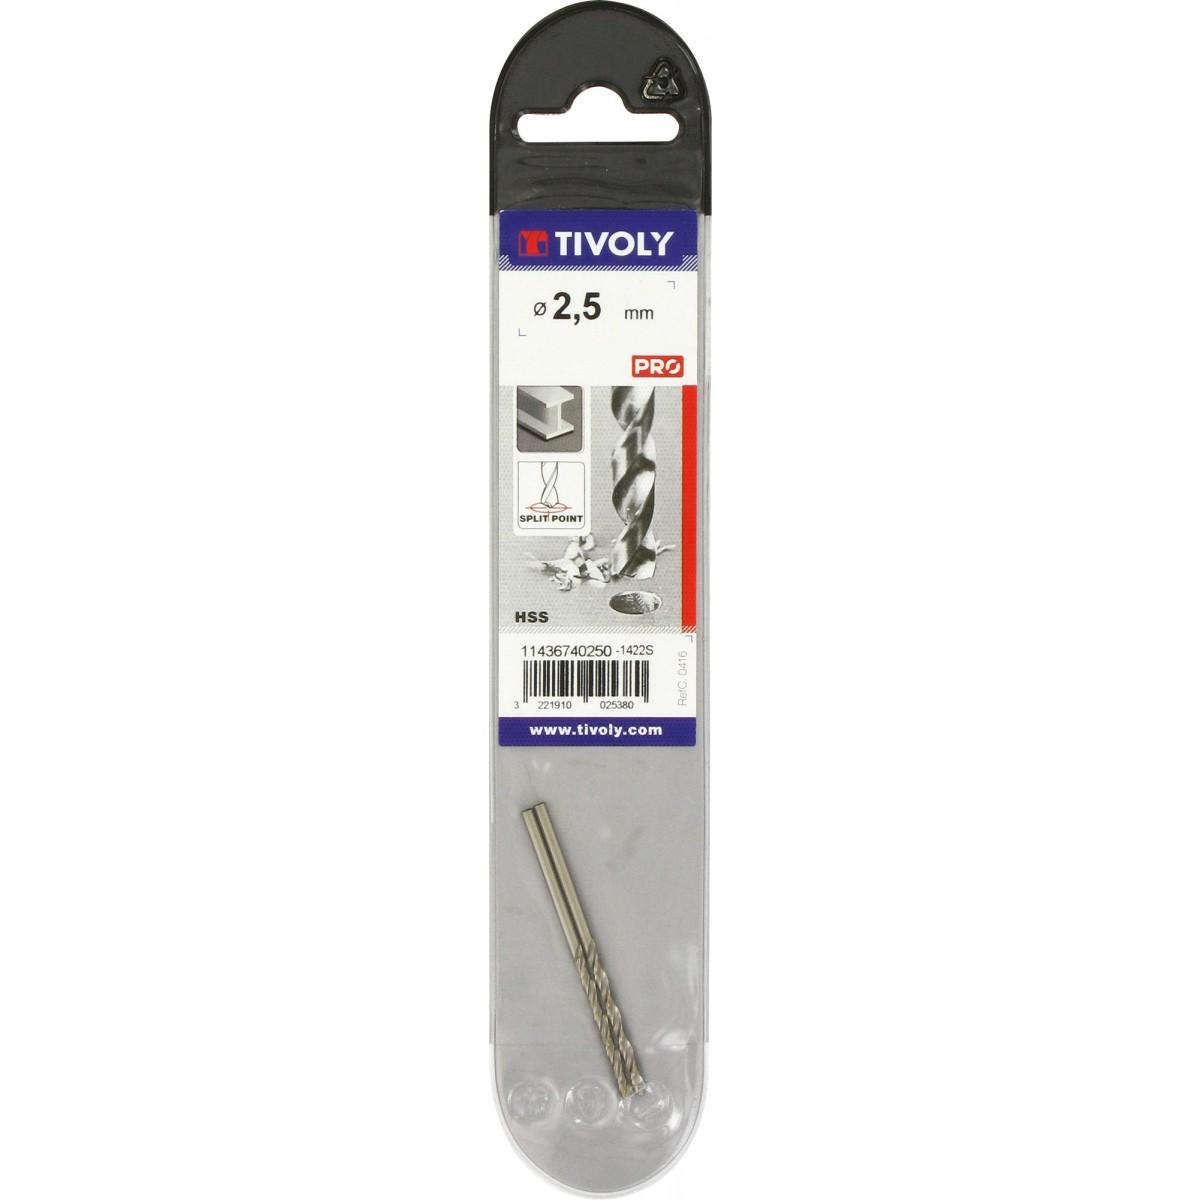 Foret métaux autocentrant qualité TX Tivoly - Diamètre 2,5 mm - Vendu par 2